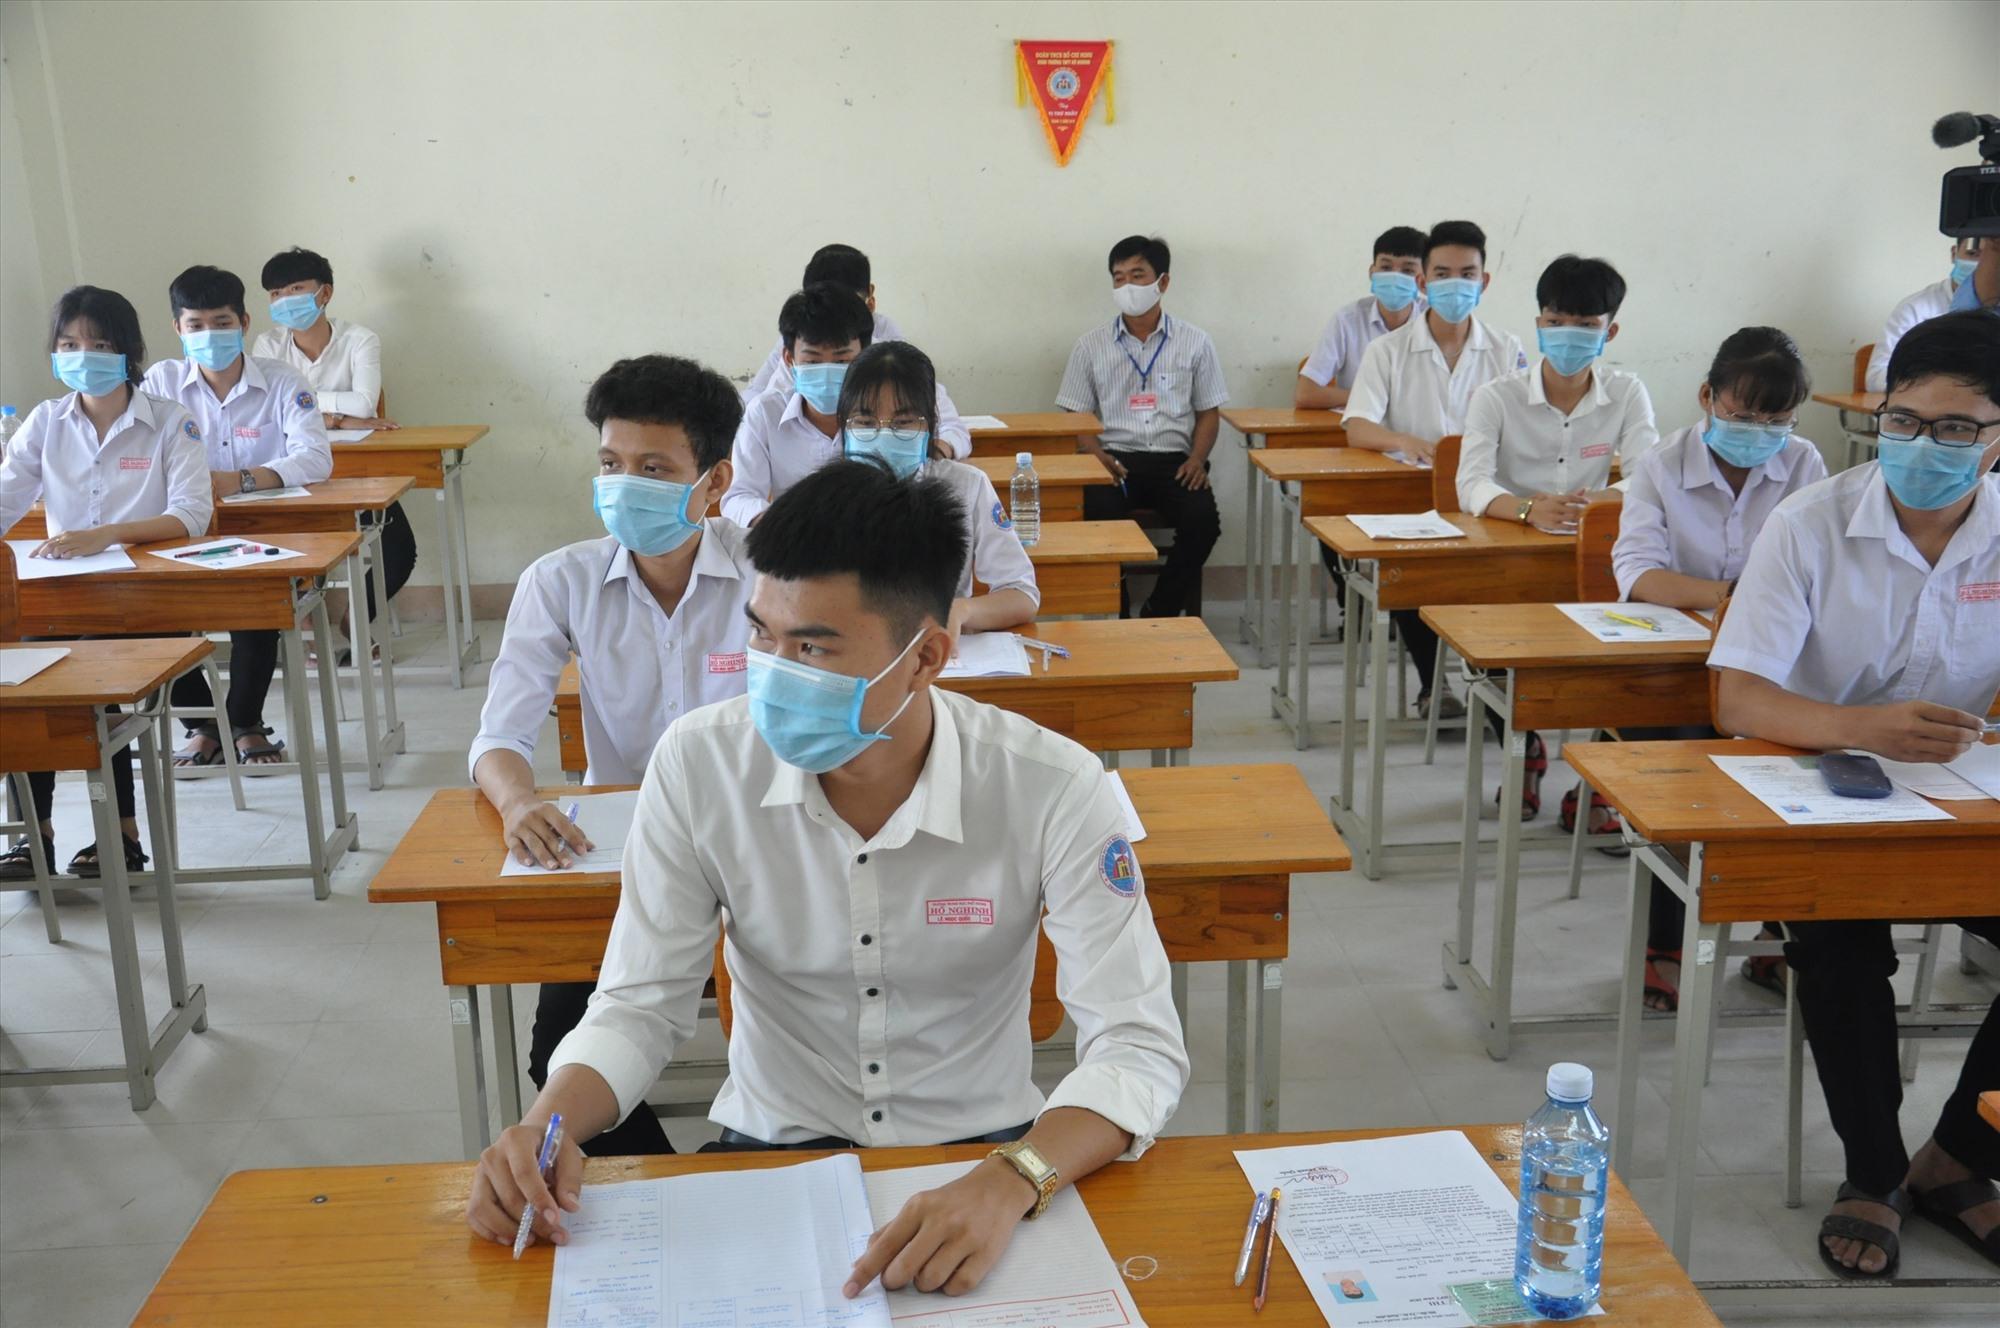 Học sinh Quảng Nam dự thi THPT năm học 2019-2020. Ảnh: X.P